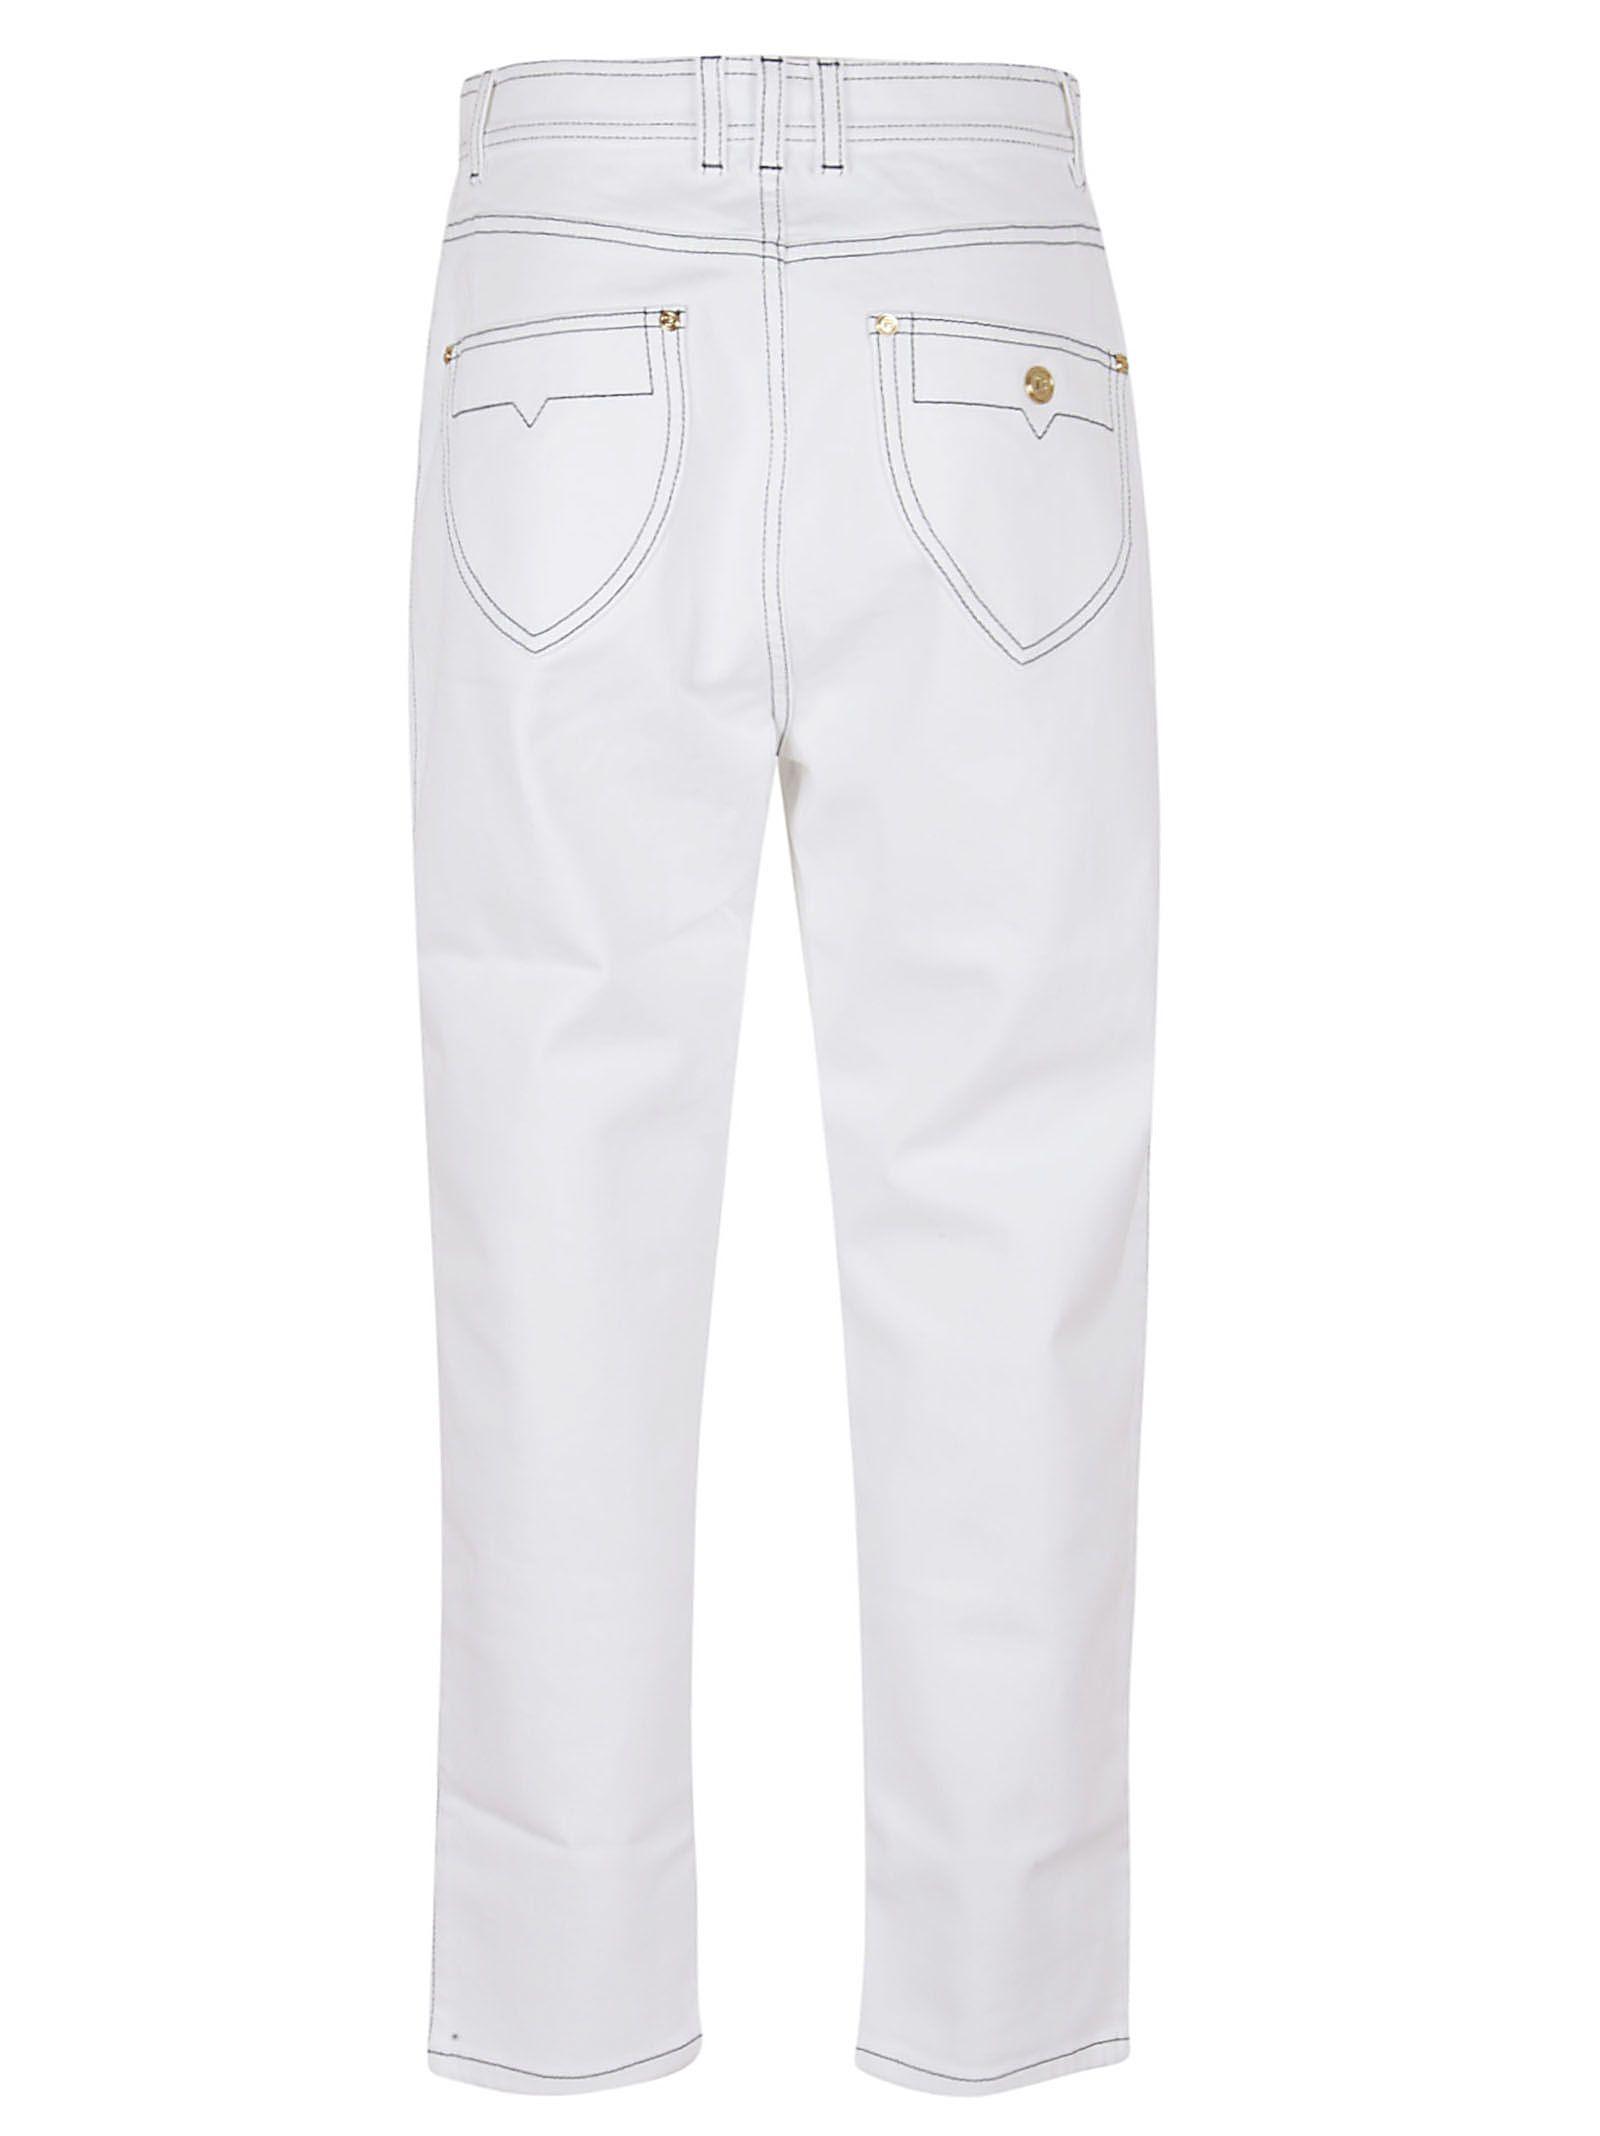 BALMAIN Jeans BALMAIN WOMEN'S WHITE COTTON JEANS